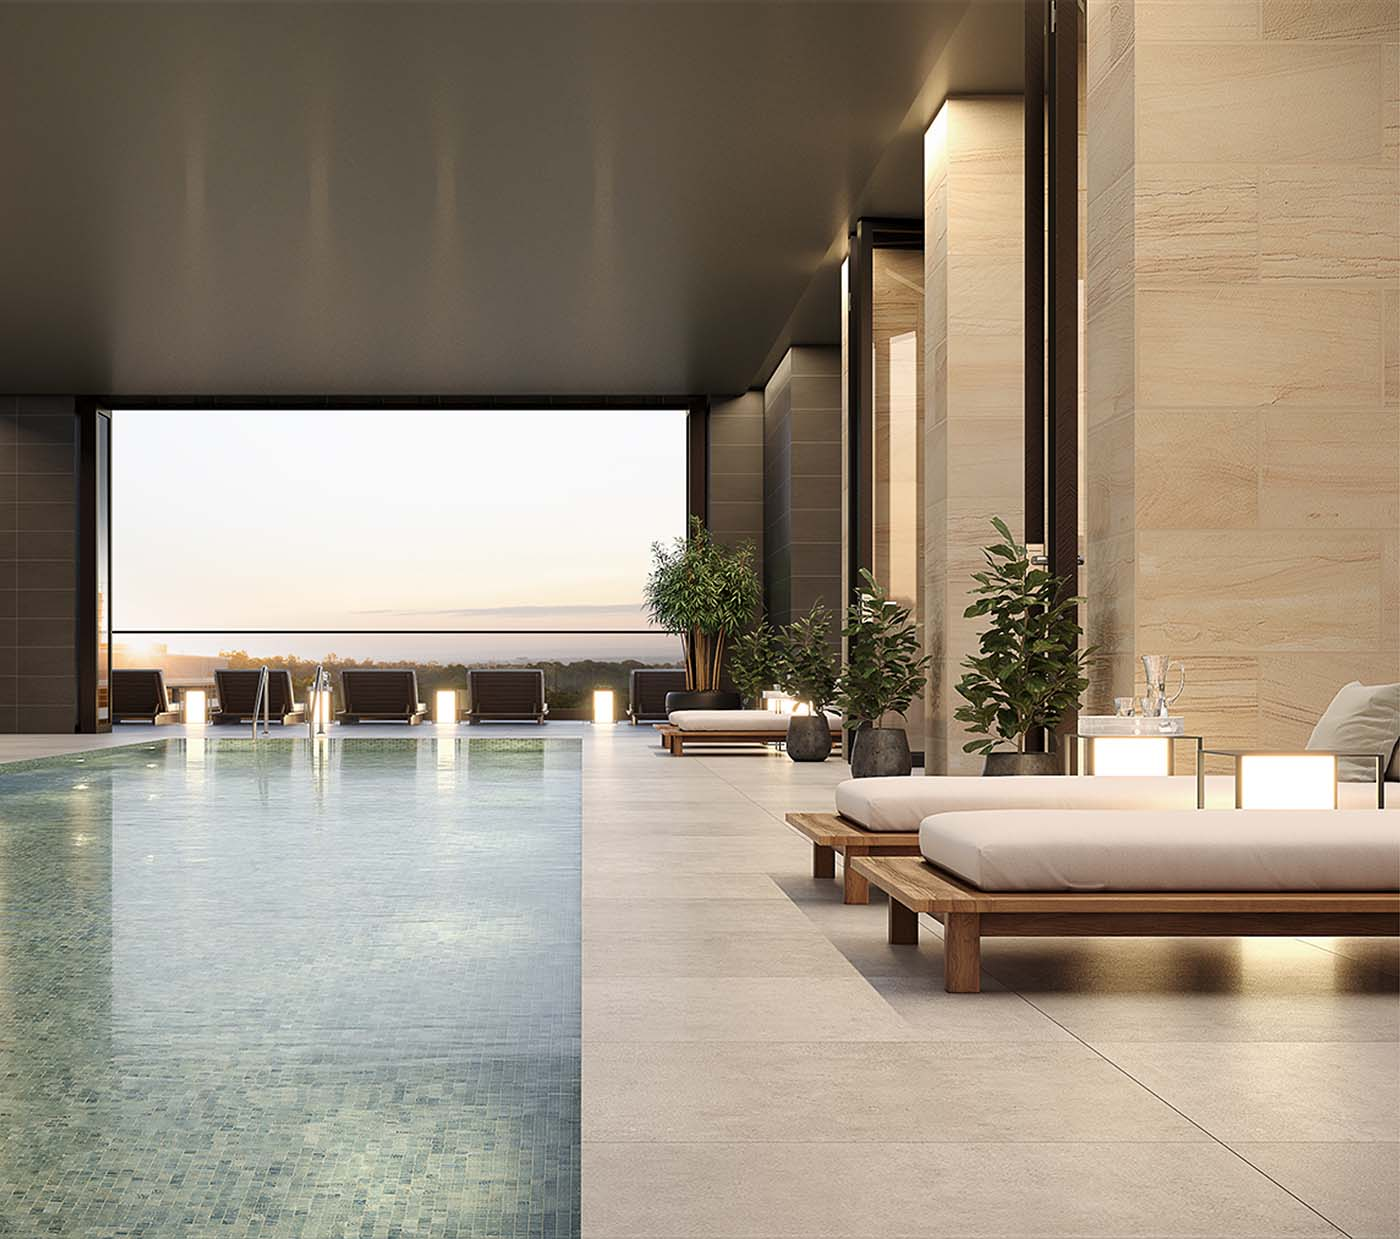 lorena-gaxiola-the-lennox-pool